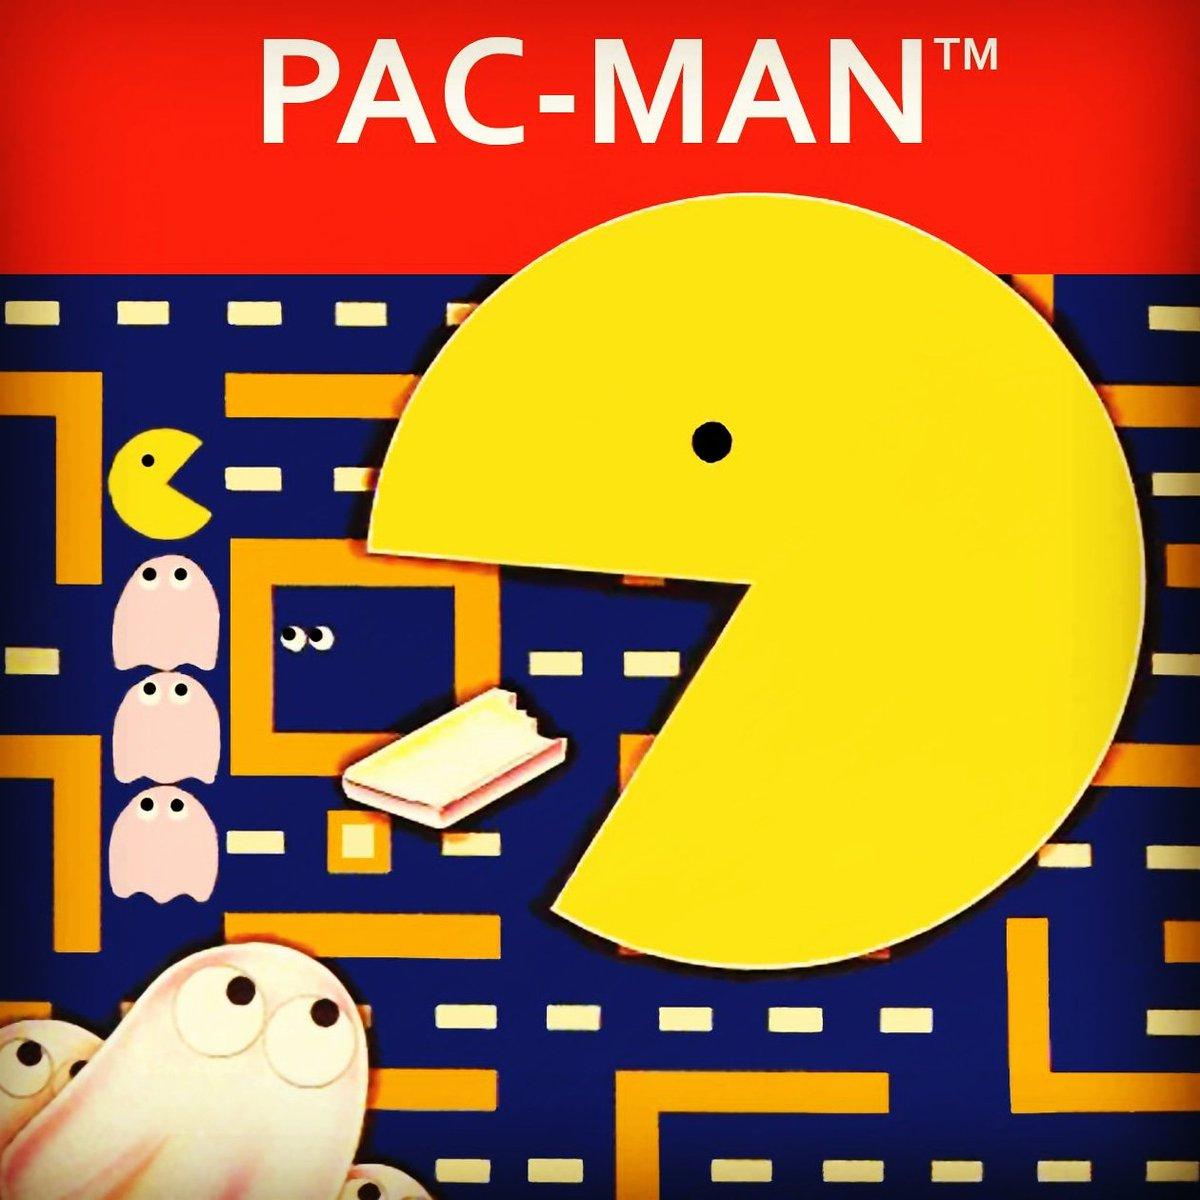 Pac-Man es conocido como un clásico de los videojuegos, llevando así a las compañías a crear adaptaciones de este juego a las consolas del momento. En este caso la atari2600.  https://t.co/CwgE6gfRub  #Retro #RETROGAMING #Review #blog #blogger #reseña #PacMan #clasico https://t.co/y5zbQnNlU1